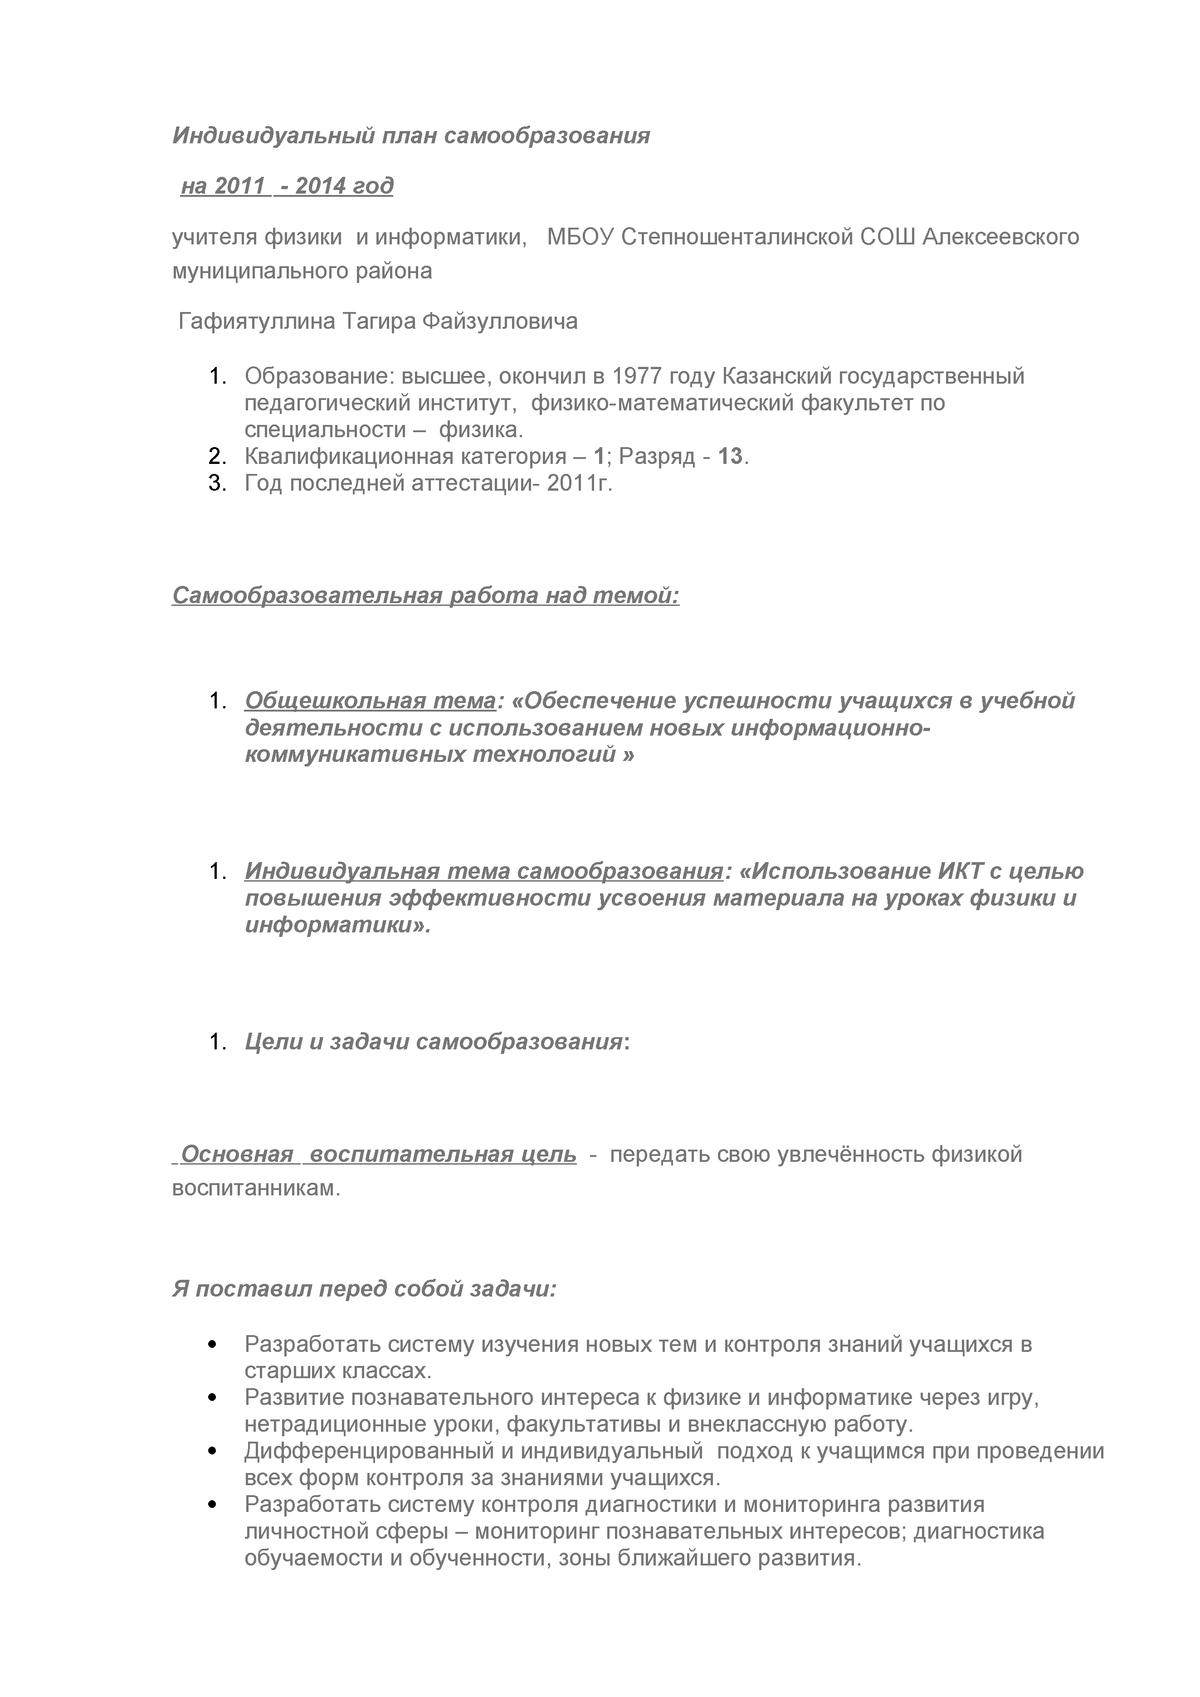 Отчет по самообразованию учителя физики